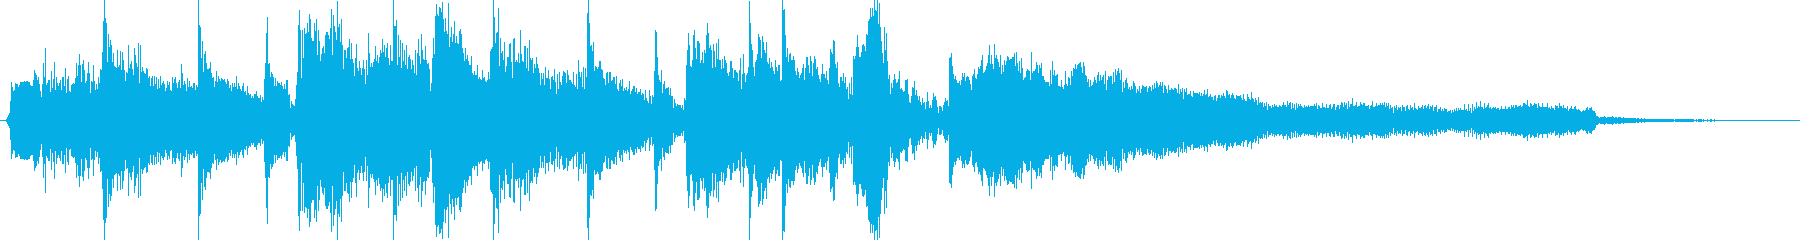 ビーチ風ジングルの再生済みの波形